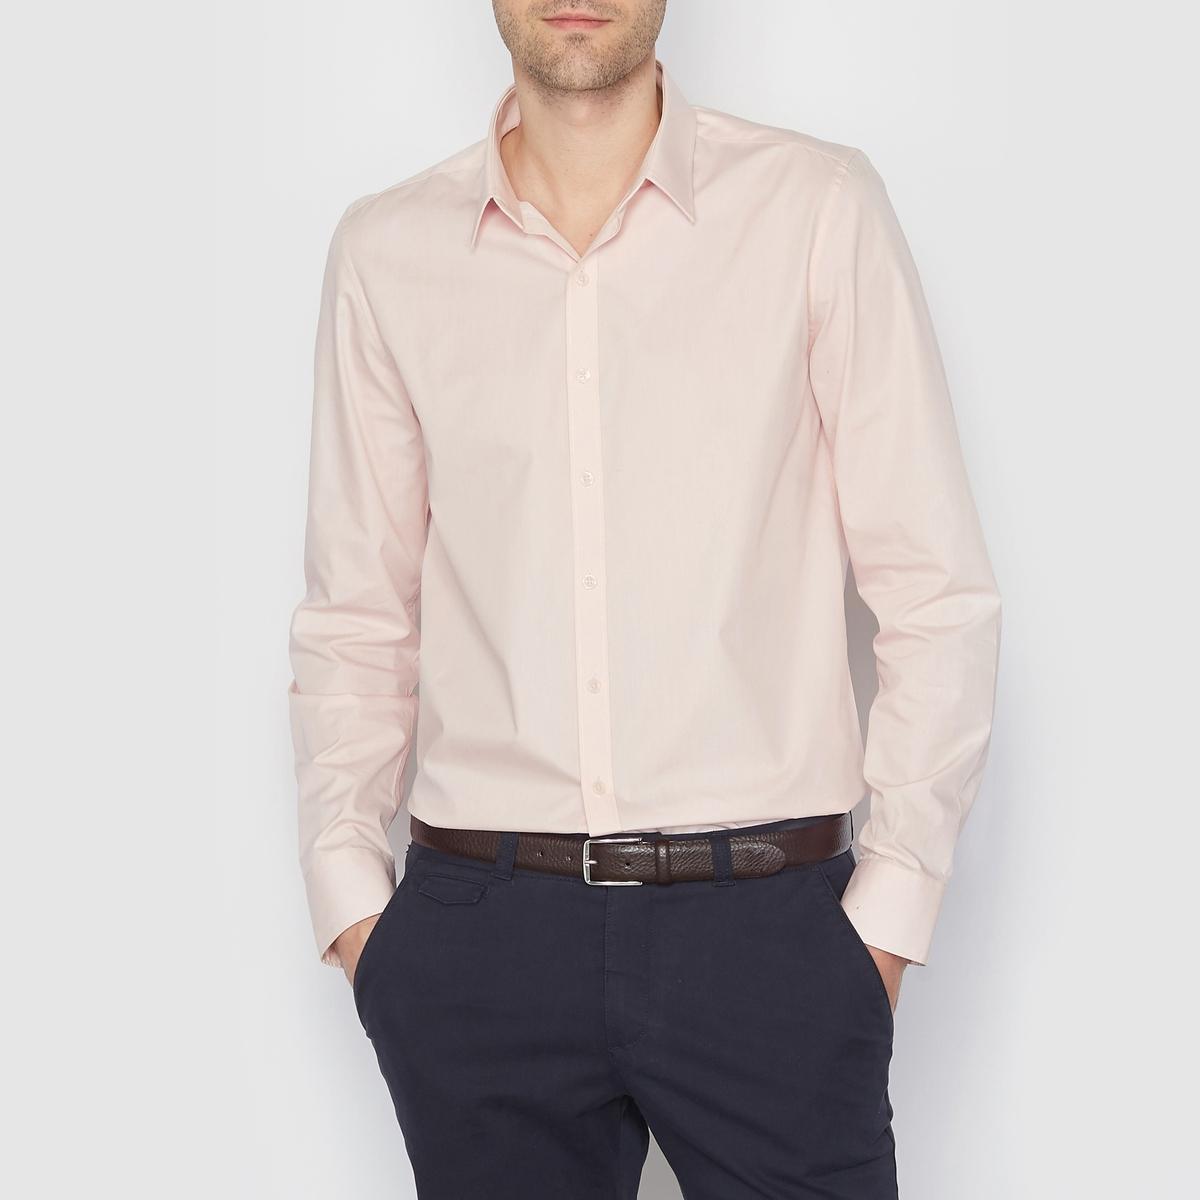 Рубашка однотонная прямого покроя с длинными рукавамиРубашка прямого покроя с длинными рукавами. Длина 77 см.  Низ рукавов с застежкой на пуговицы. 55% хлопка, 45% полиэстера.<br><br>Цвет: светло-розовый<br>Размер: 45/46